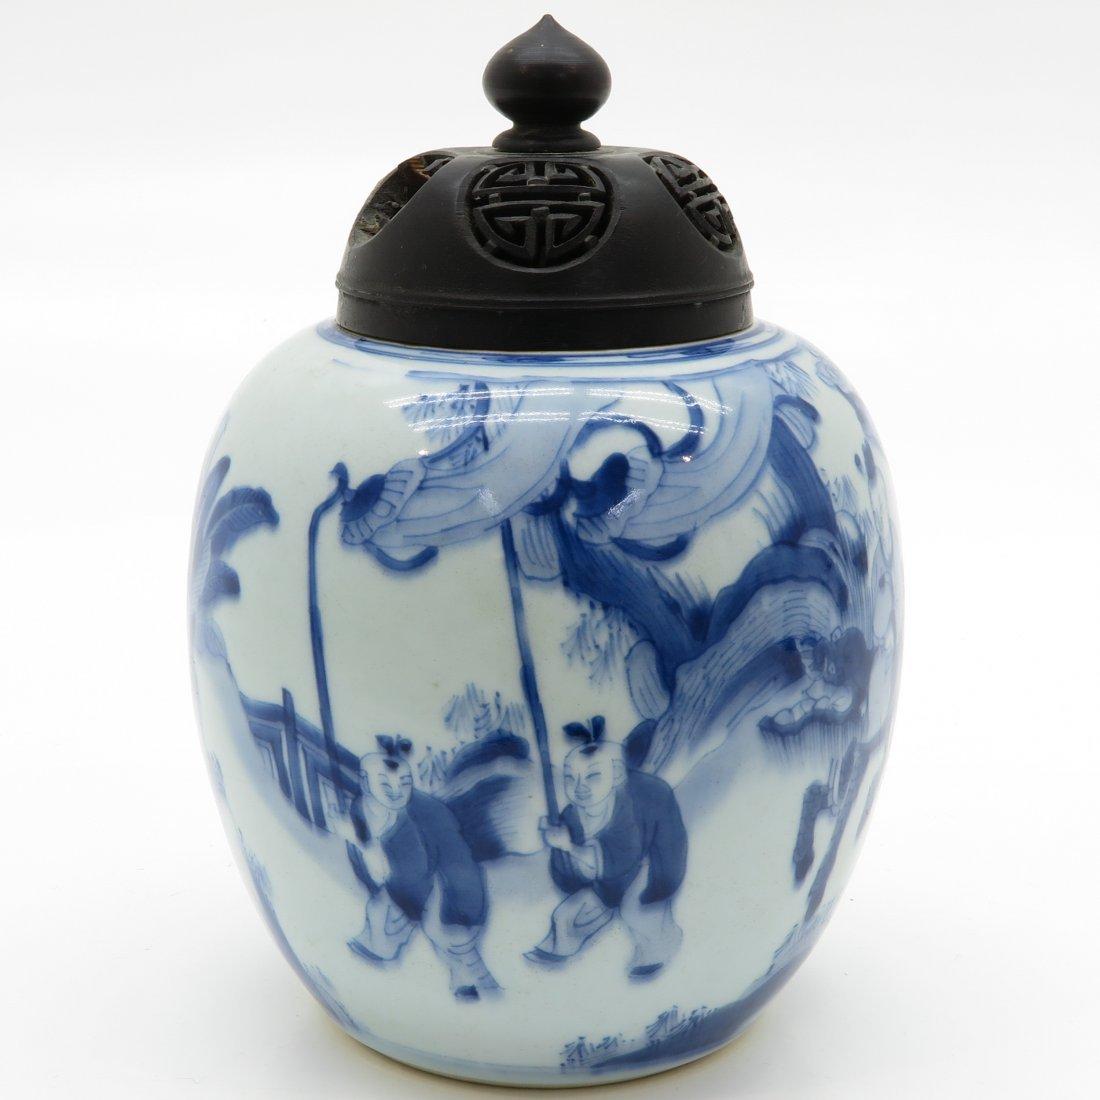 China Porcelain Ginger Jar - 4